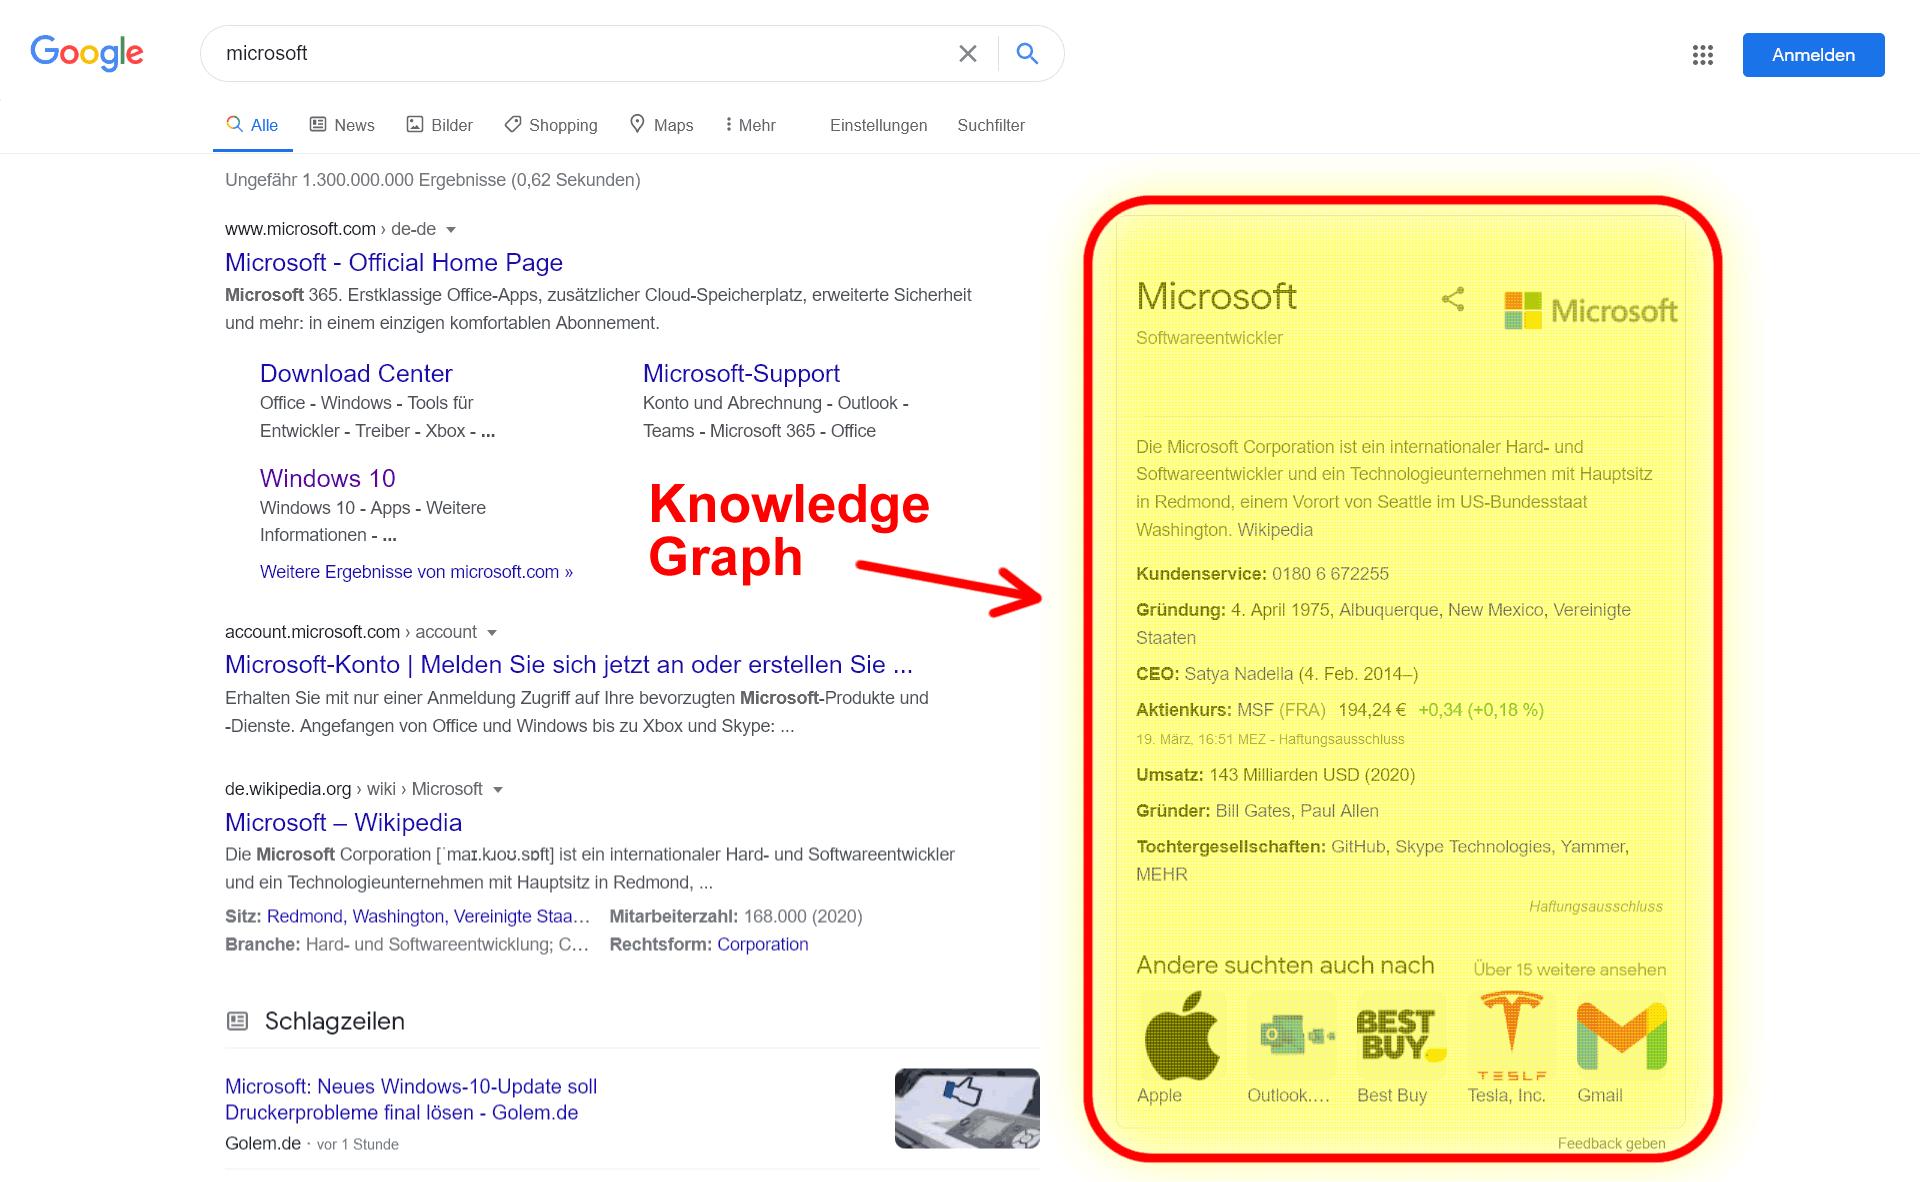 Der Knowledge Graph - Eine der bedeutendsten Entwicklungen der Internetsuche